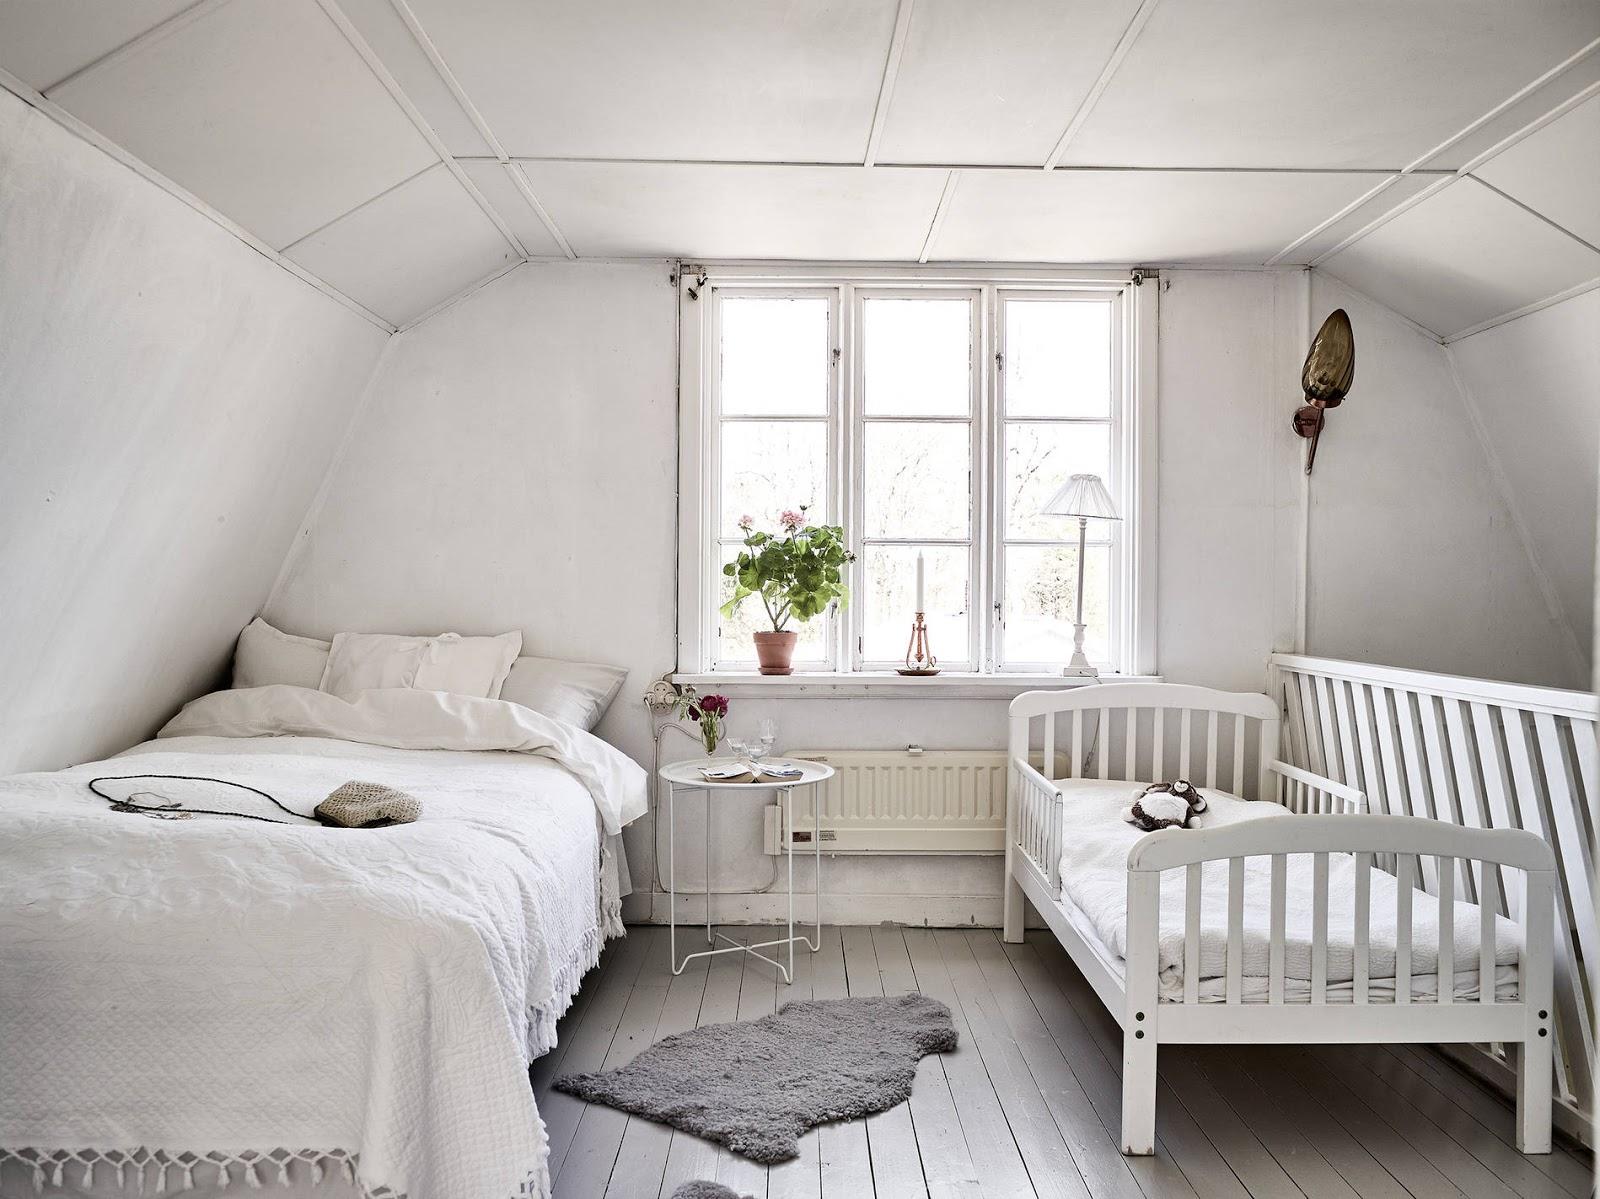 sypialnia w stylu rustykalnym, sypialnia w stylu wiejskim